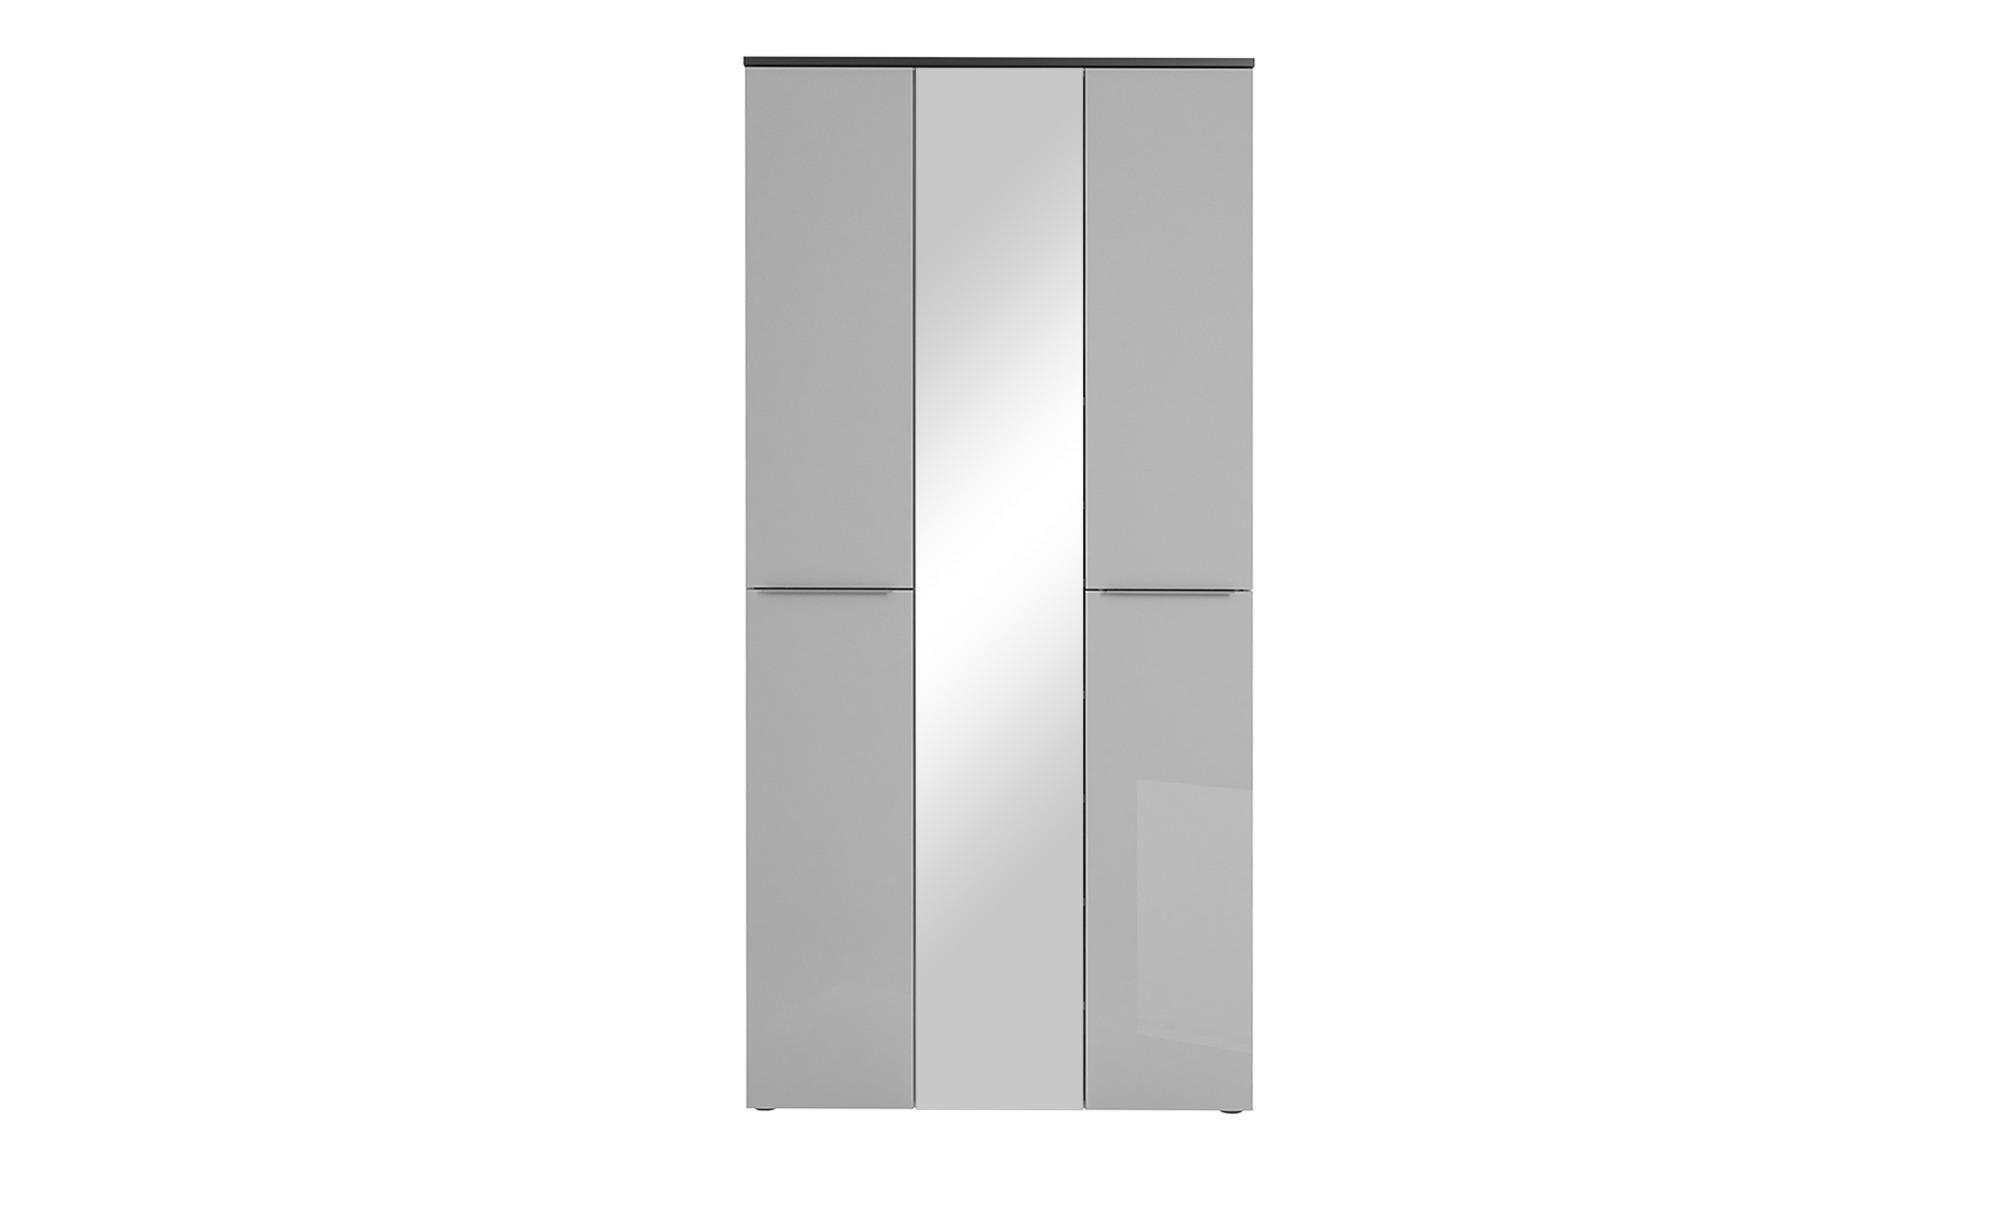 Garderobenschrank - grau - 90,2 cm - 195,7 cm - 40 cm - Schränke > Garderobenschränke - Möbel Kraft | Flur & Diele > Garderoben > Garderobenschränke | Möbel Kraft